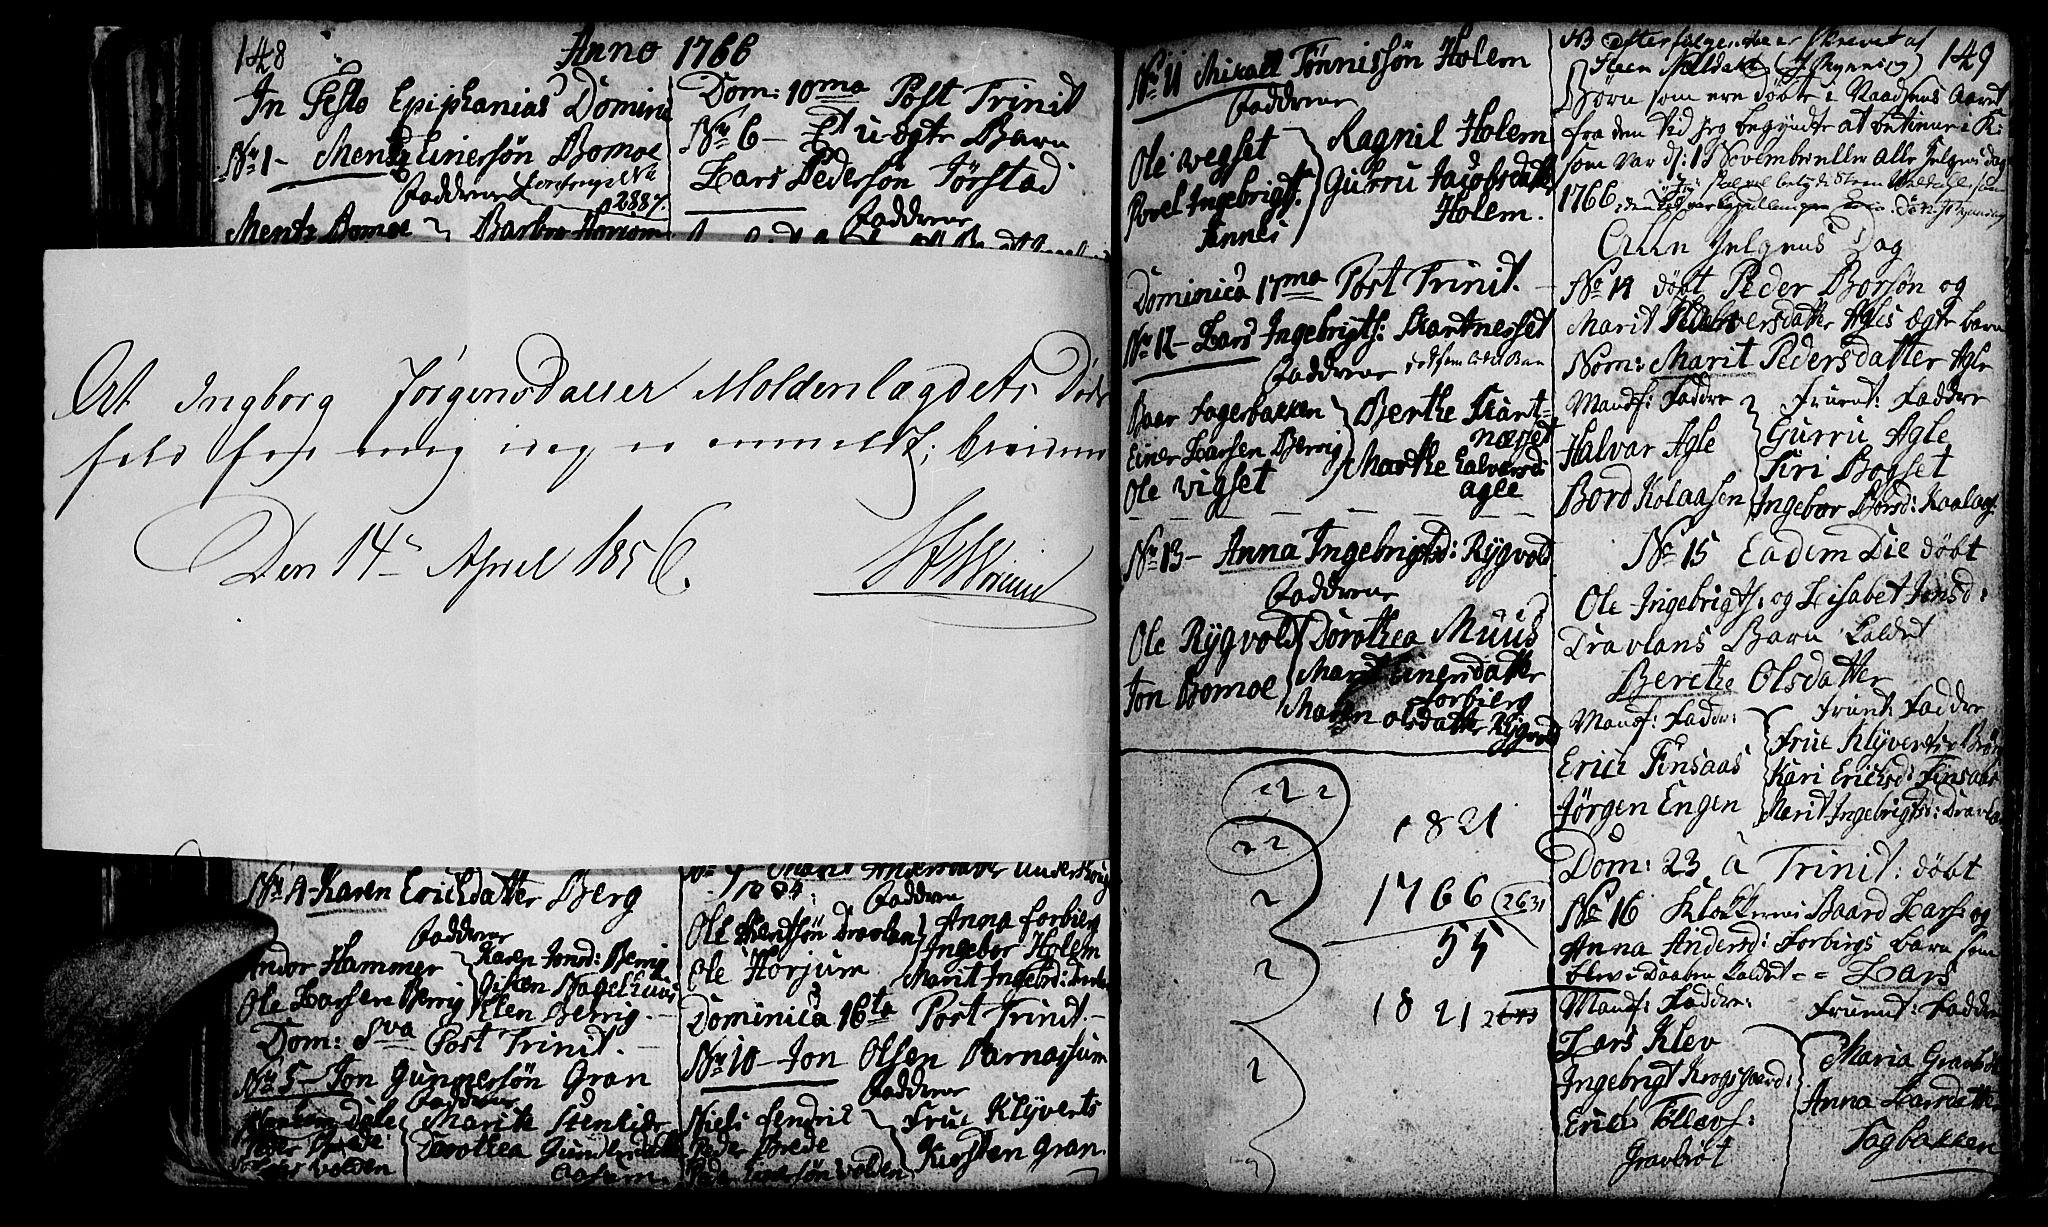 SAT, Ministerialprotokoller, klokkerbøker og fødselsregistre - Nord-Trøndelag, 749/L0467: Ministerialbok nr. 749A01, 1733-1787, s. 148-149